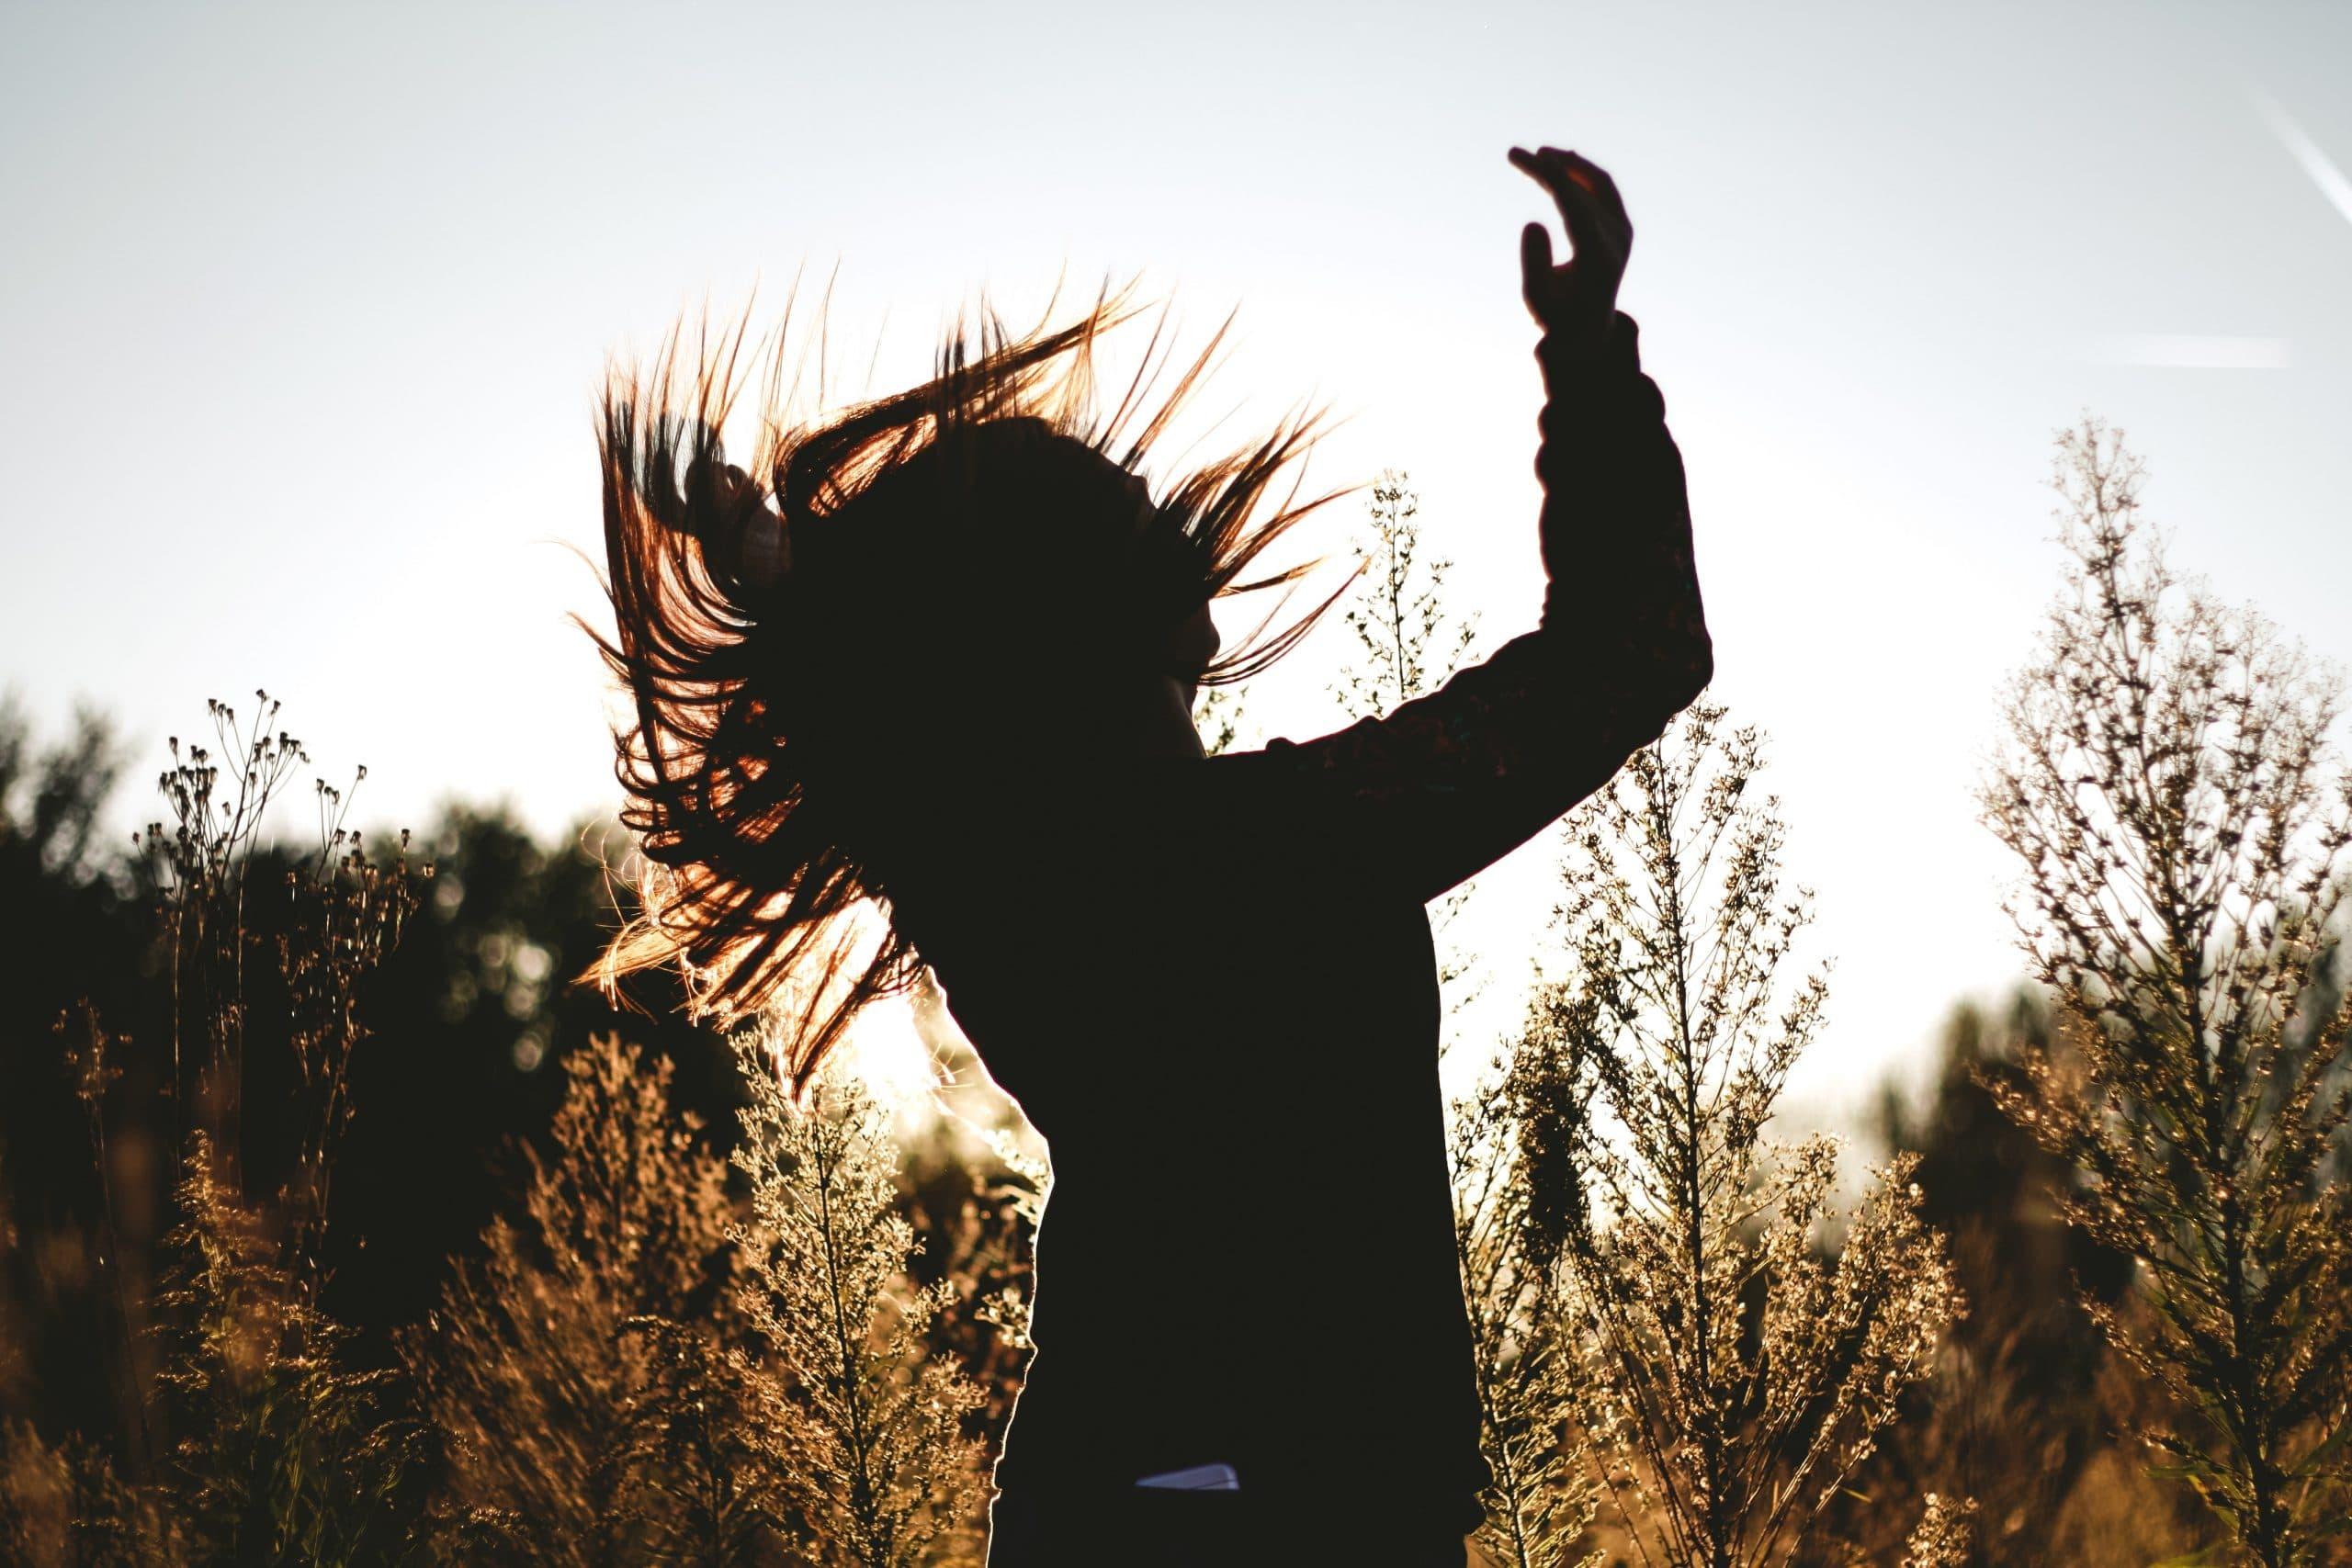 Silhueta de mulher dançando com cabelos ao vento no meio de plantas